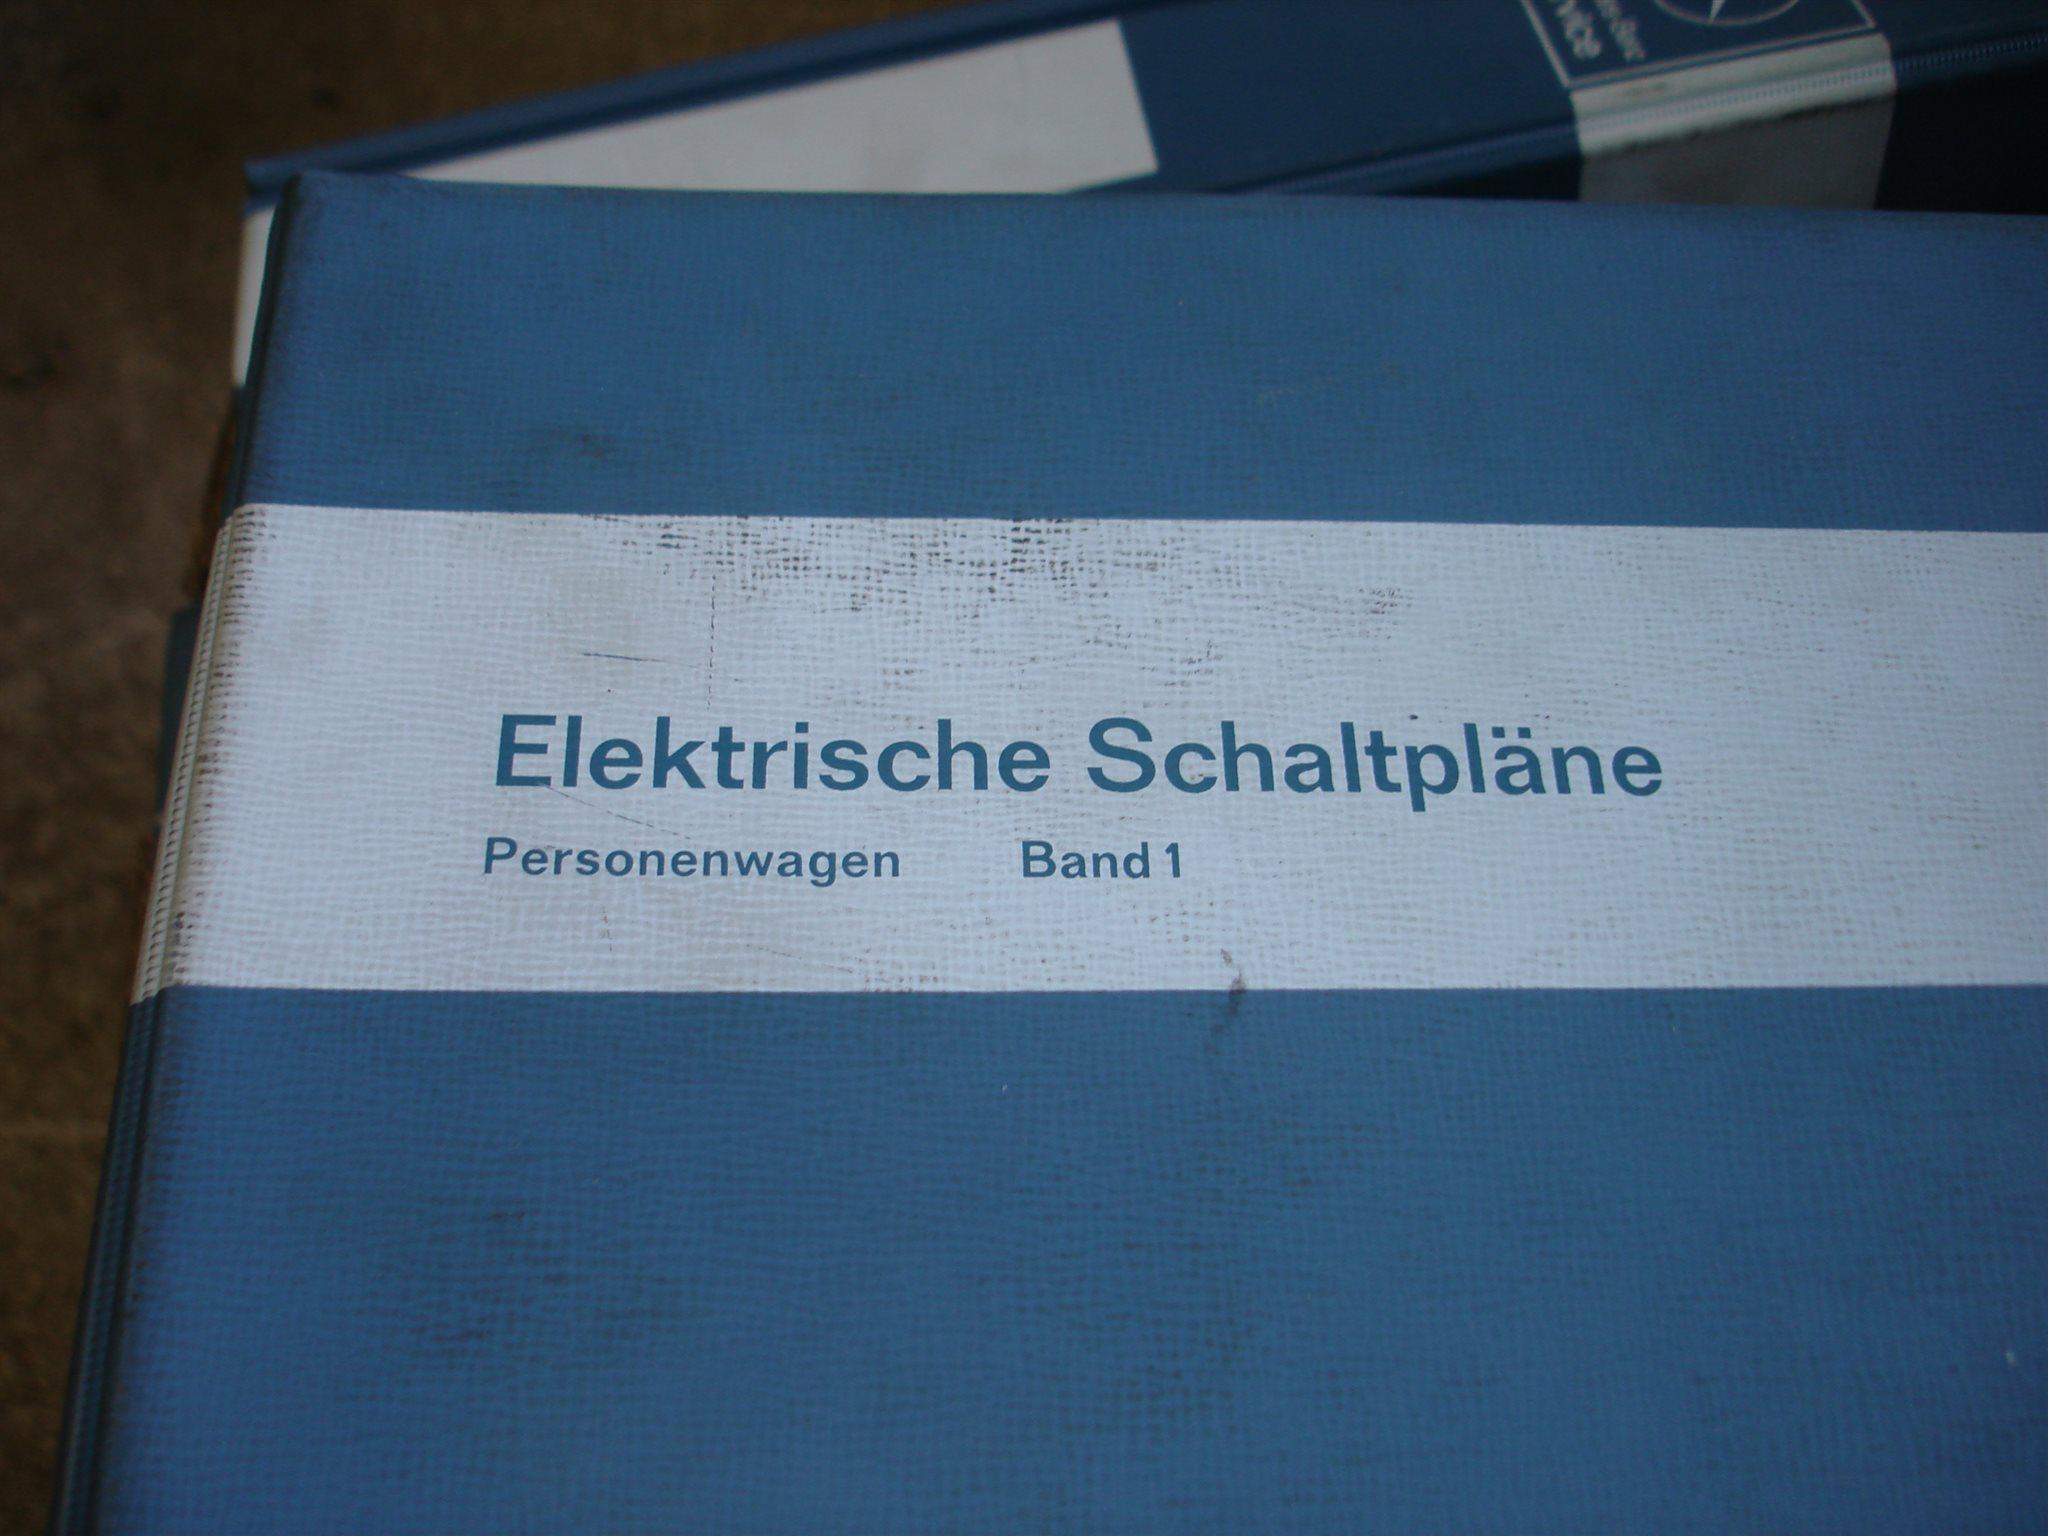 Ziemlich 1998 Lexus Sc300 Zündkabelführung Ideen - Der Schaltplan ...